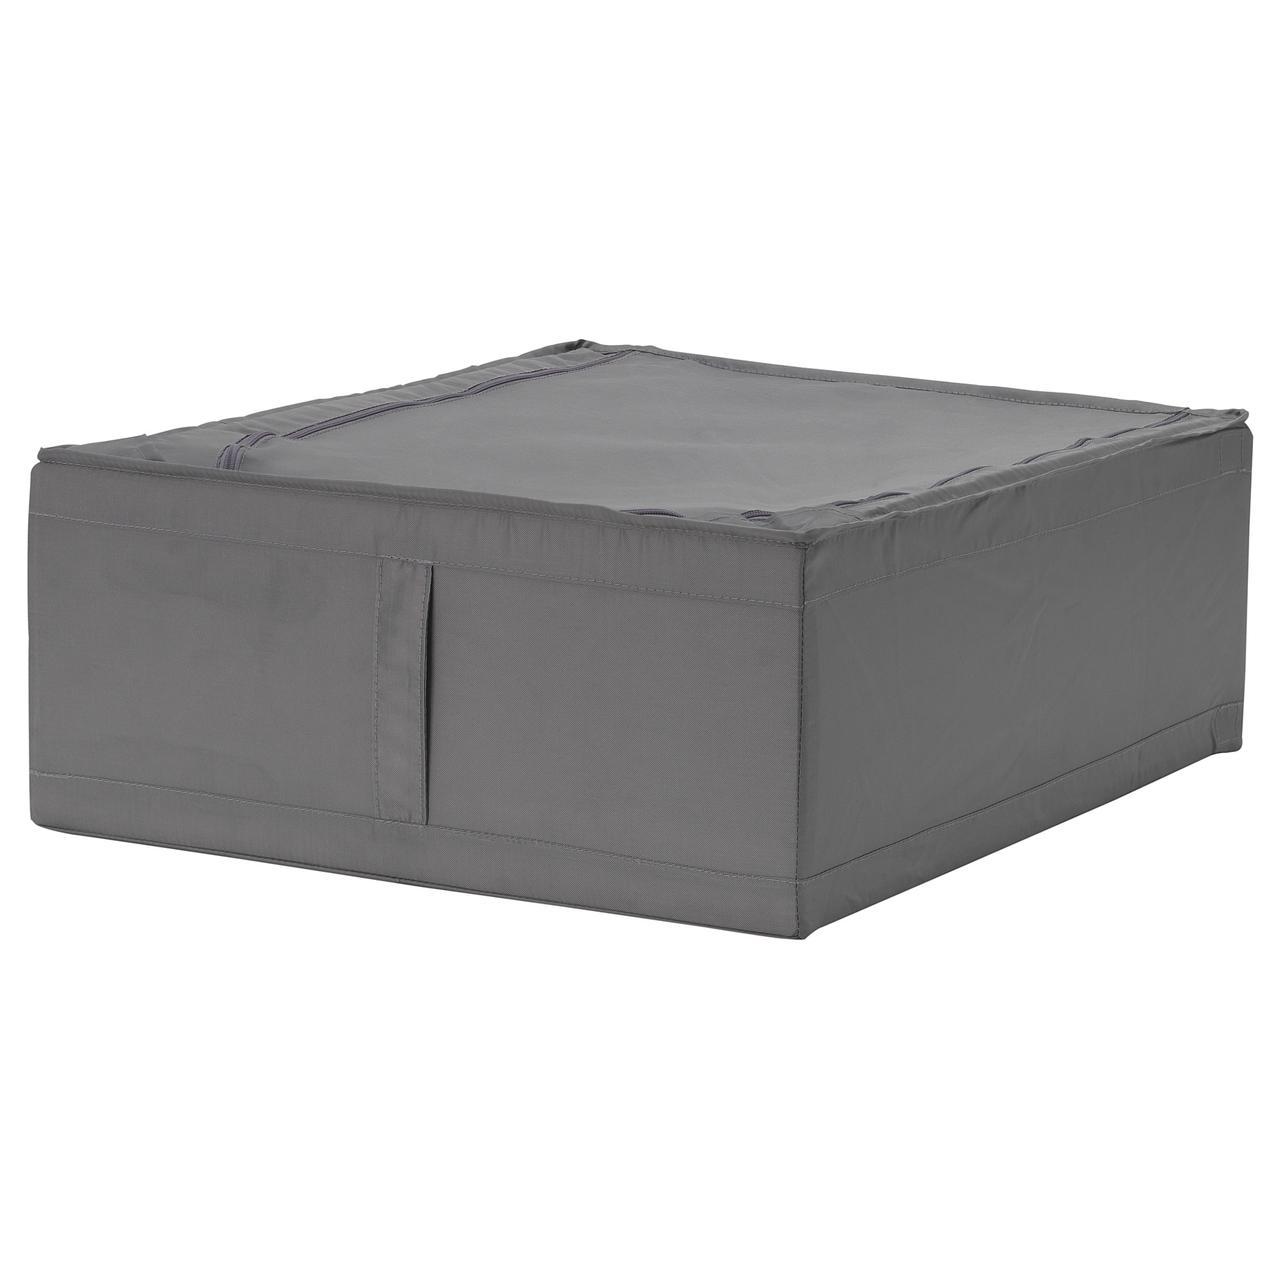 Контейнер для хранения одежды IKEA SKUBB 44x55x19 см темно-серый 203.999.99